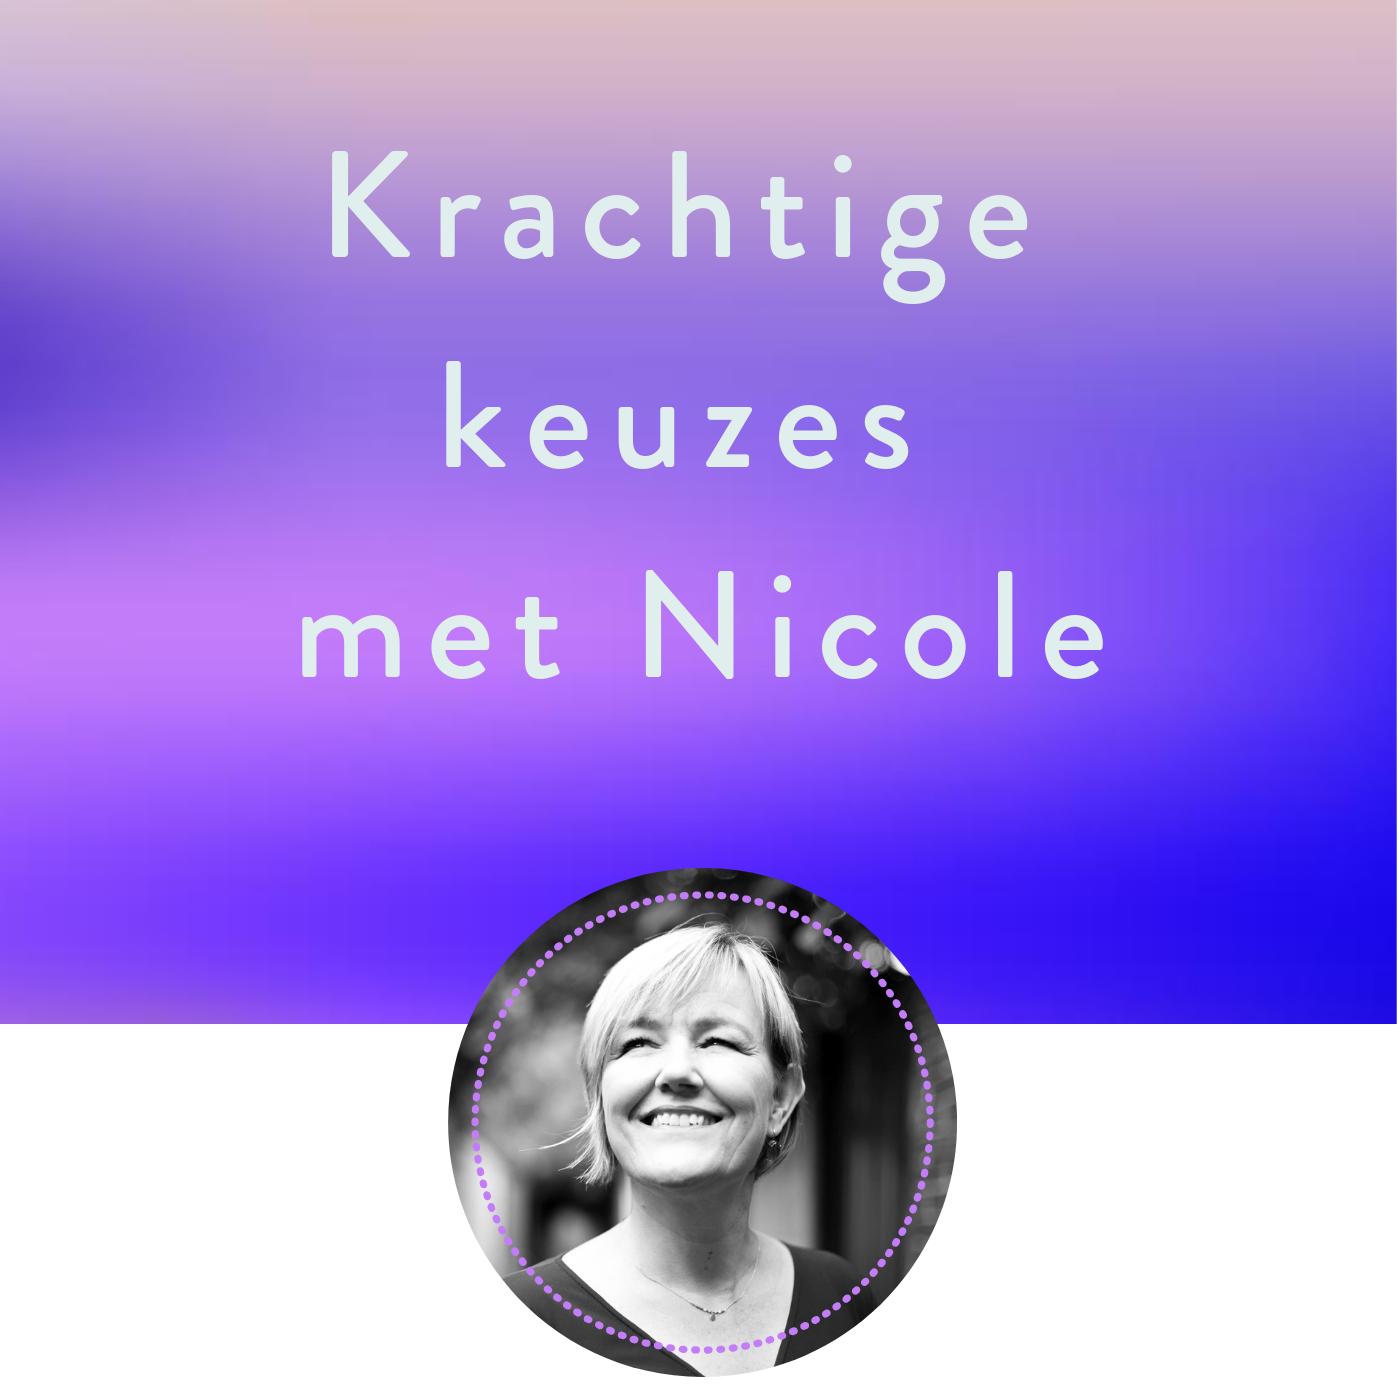 Krachtige keuzes met Nicole show art